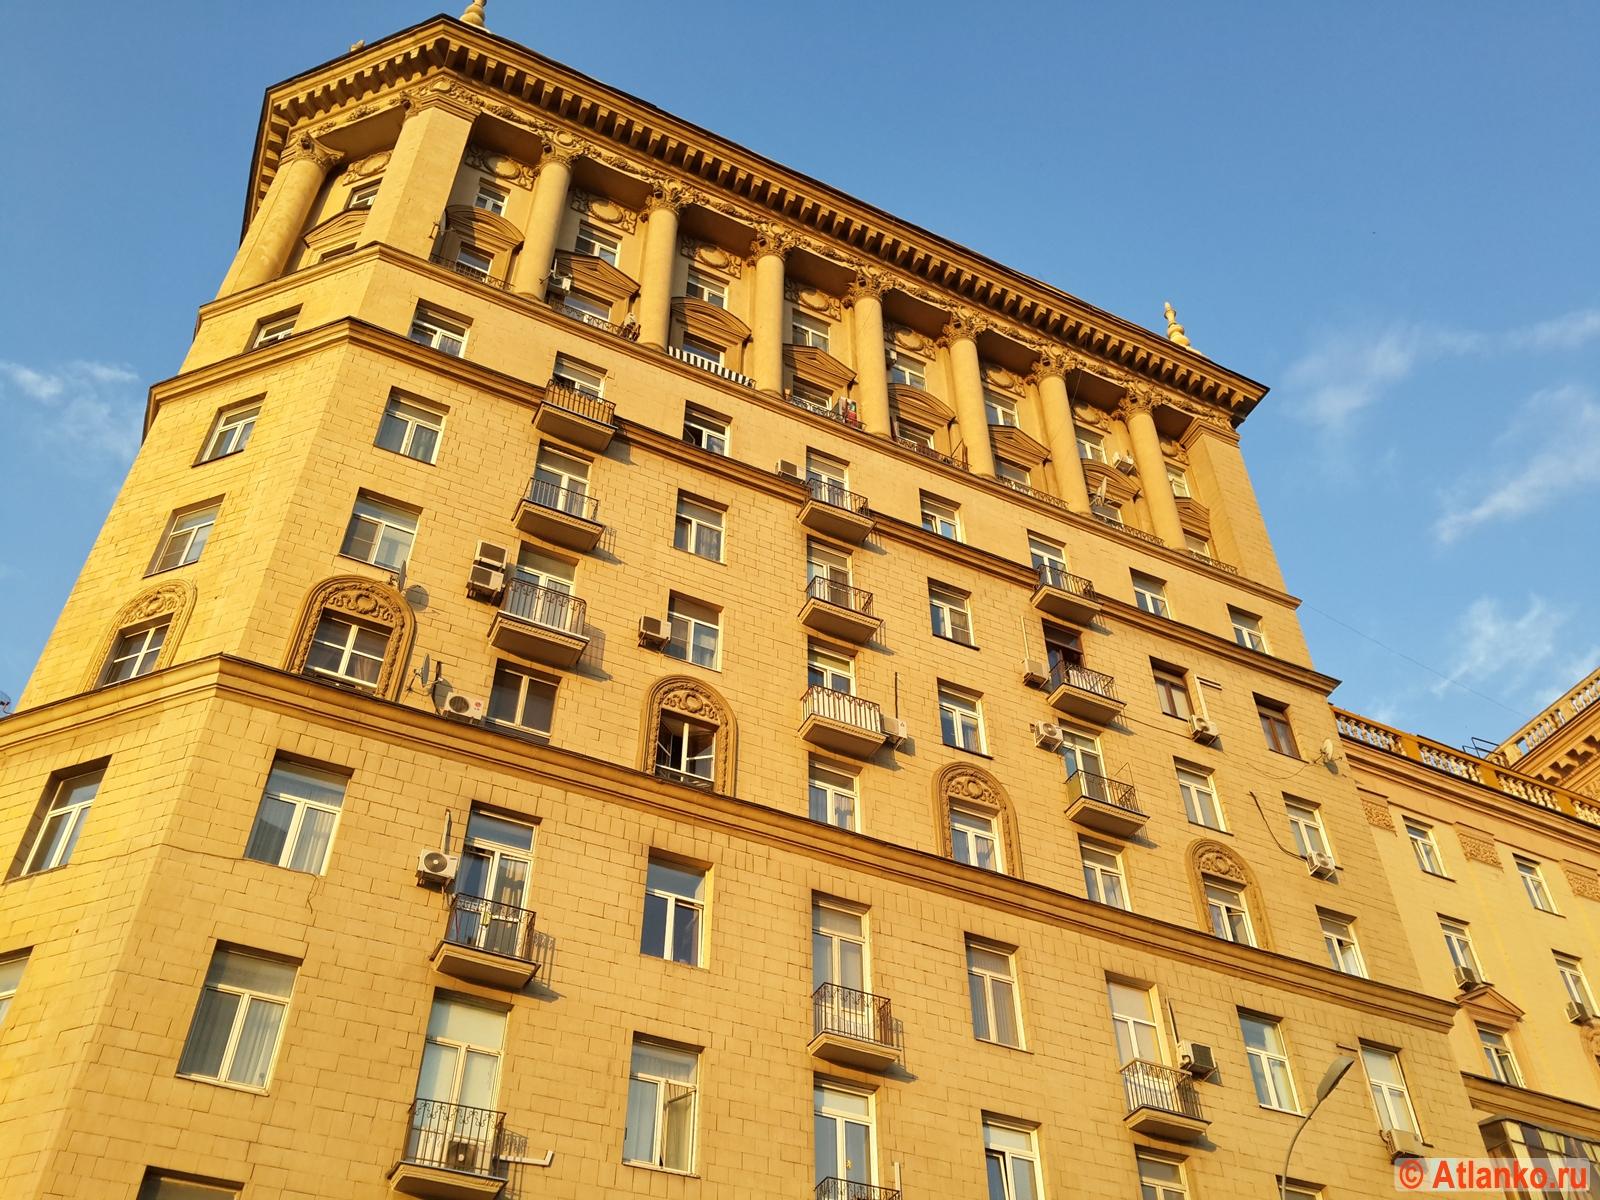 Дом на Кутузовском проспекте в столице России. Москва. Фотография